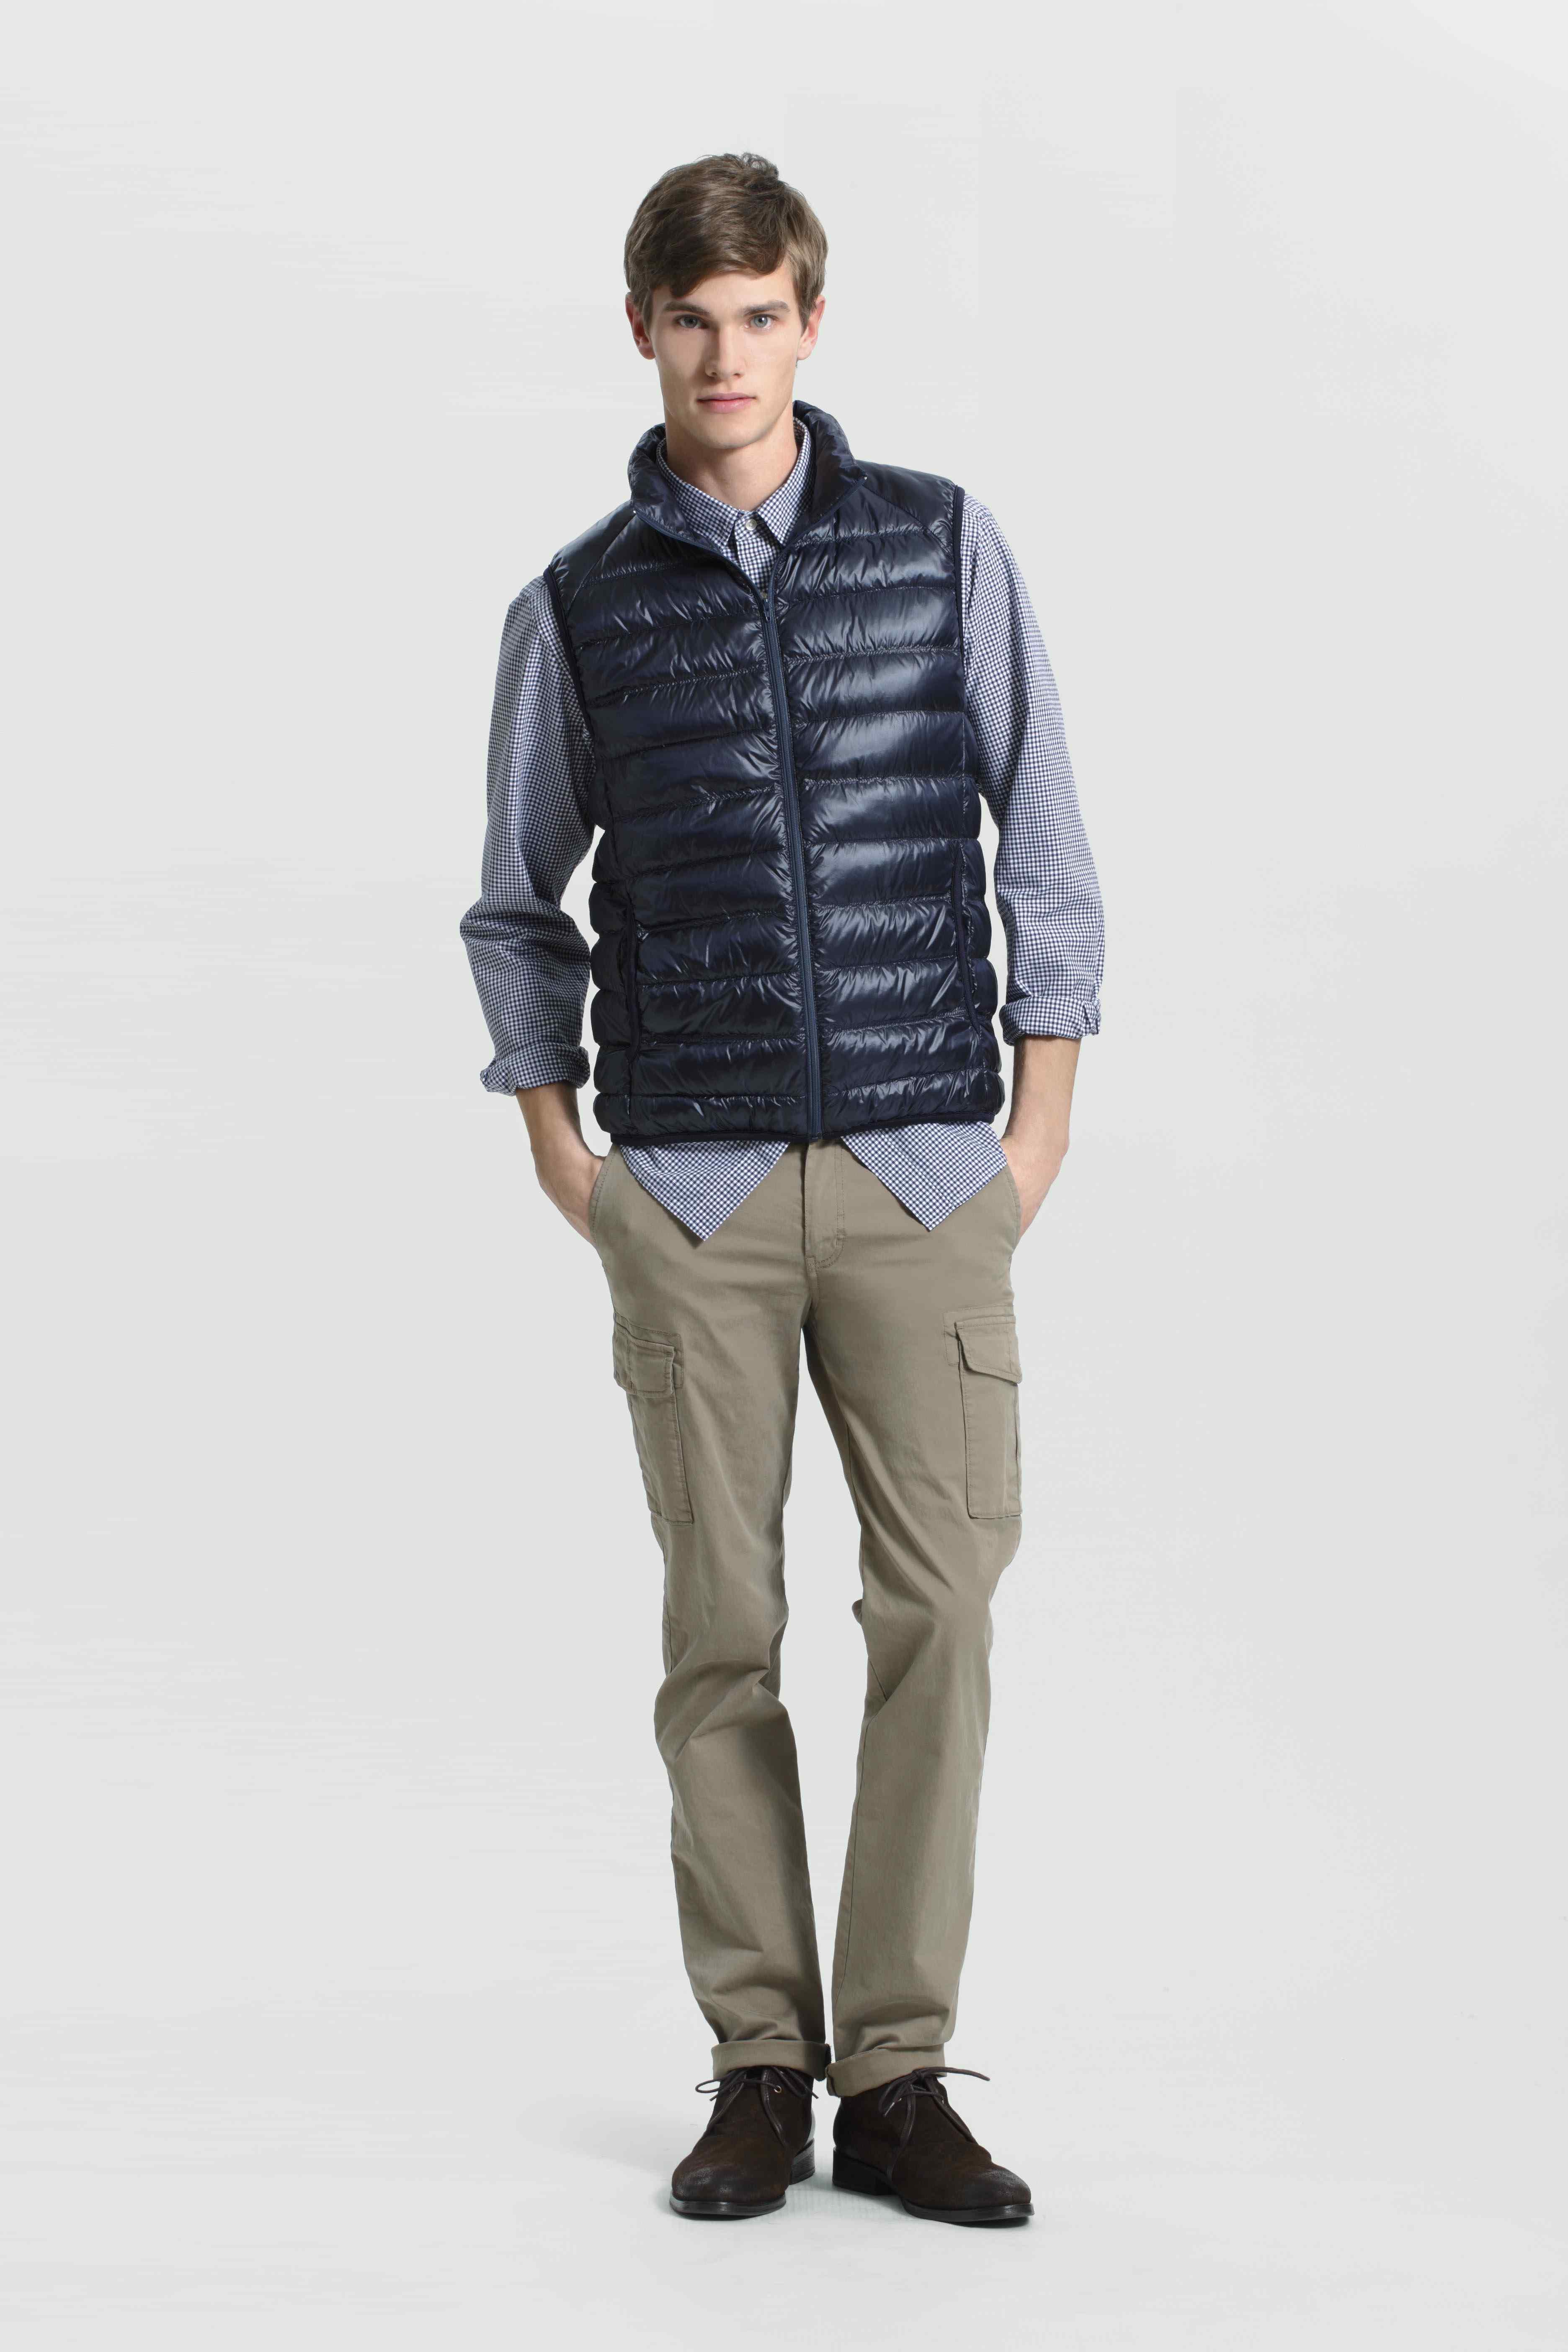 cb45d612e4b5 uniqlo mode homme doudoune sans manche - Le blog mode de l homme urbain